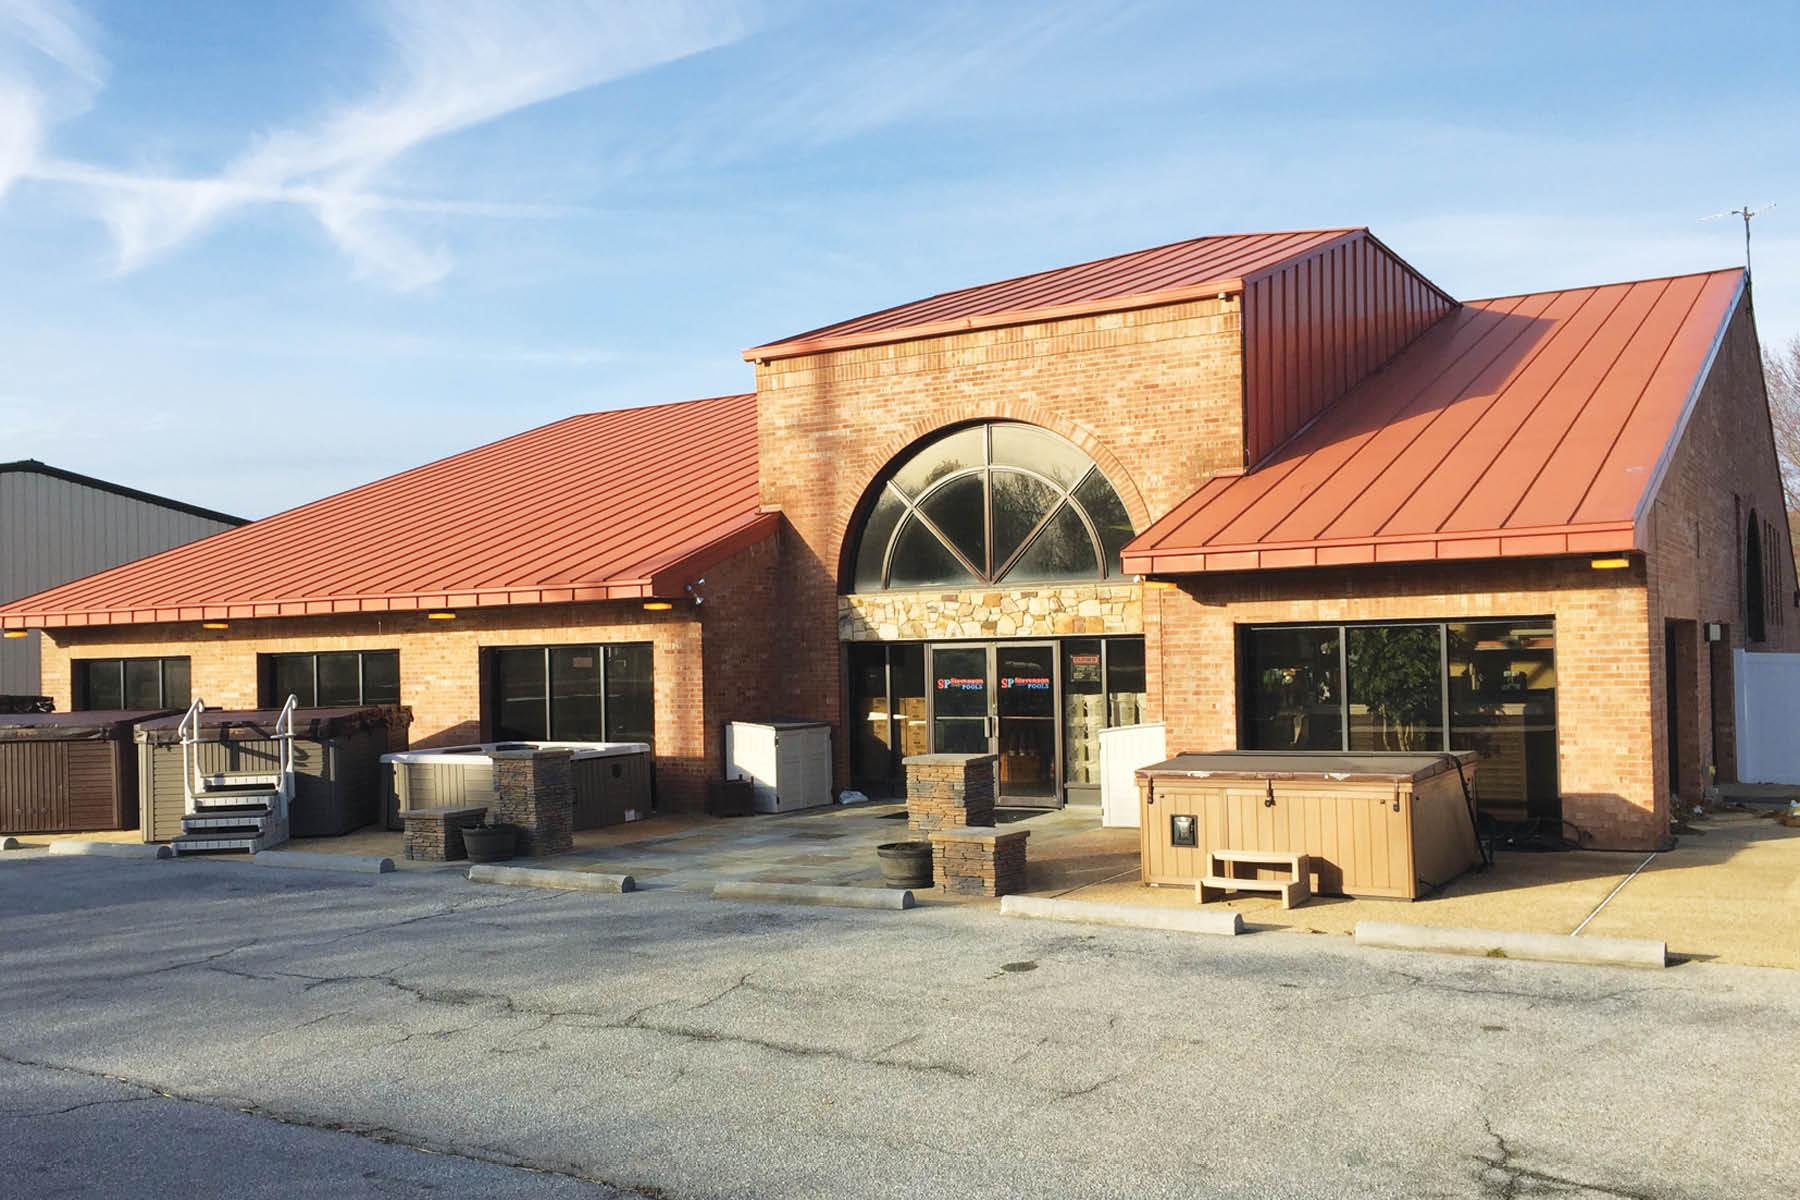 Pool Services, Pool Testing, Pool & Spa Chemicals, Hot Tubs, Spas, Pool Maintenance, Pool Repair